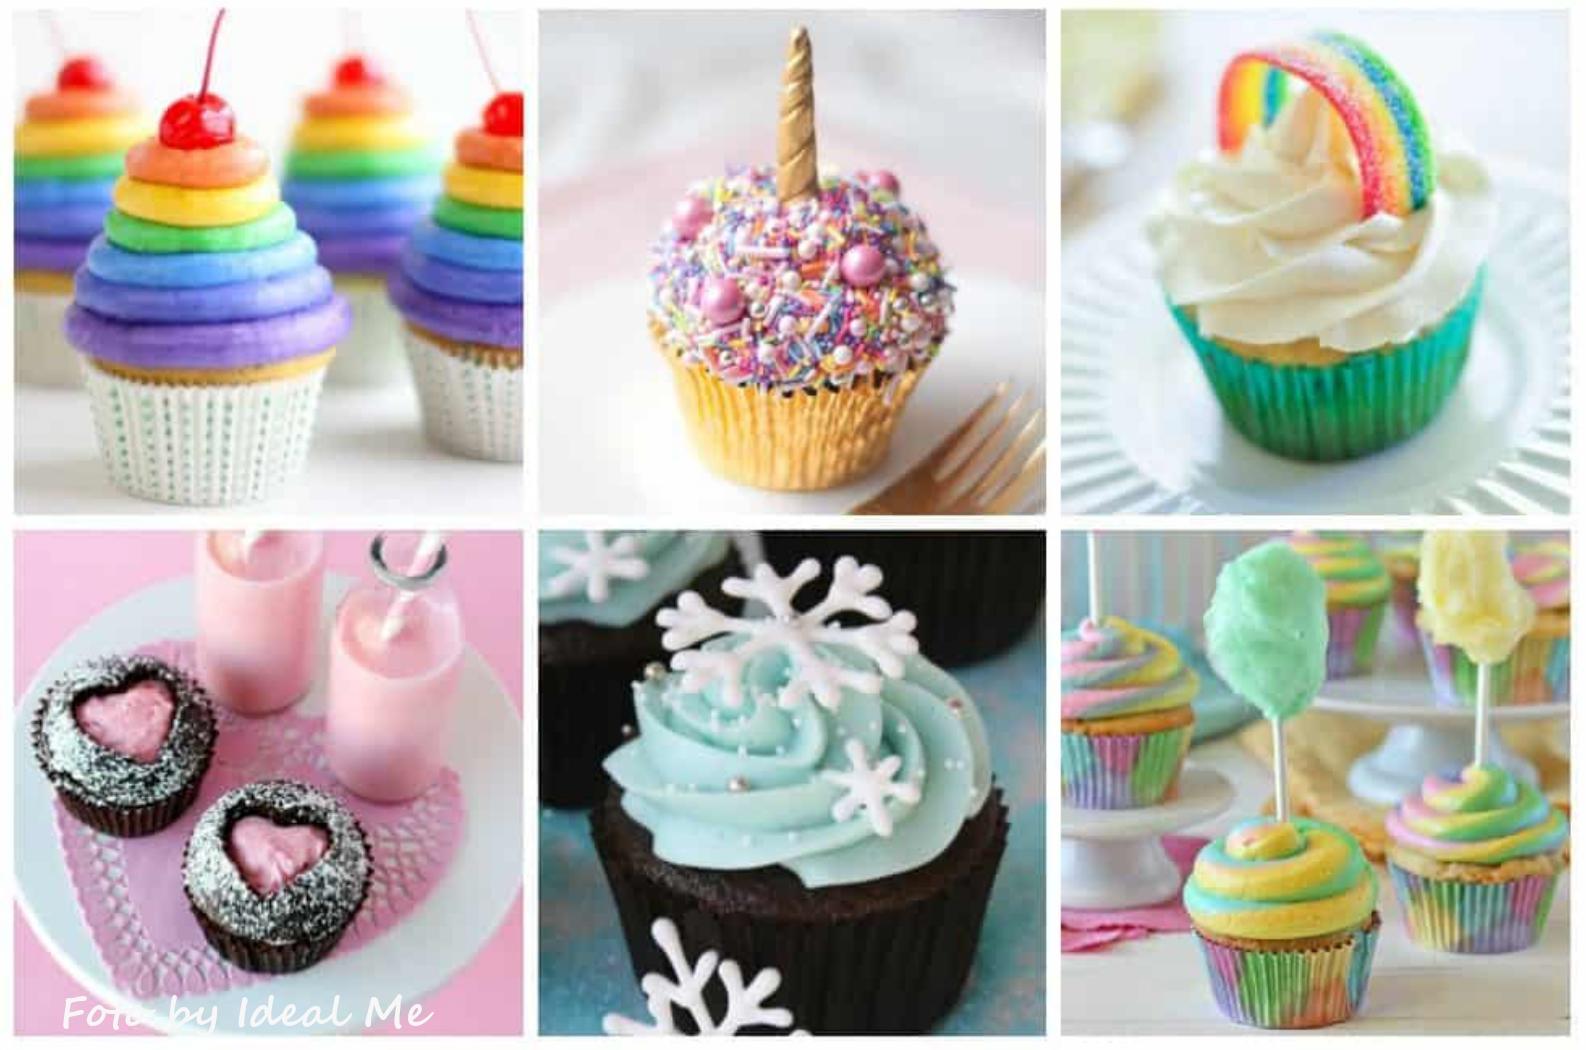 Idee Per Decorare Una Torta muffin, decorazioni muffin per bambini con personaggi animati